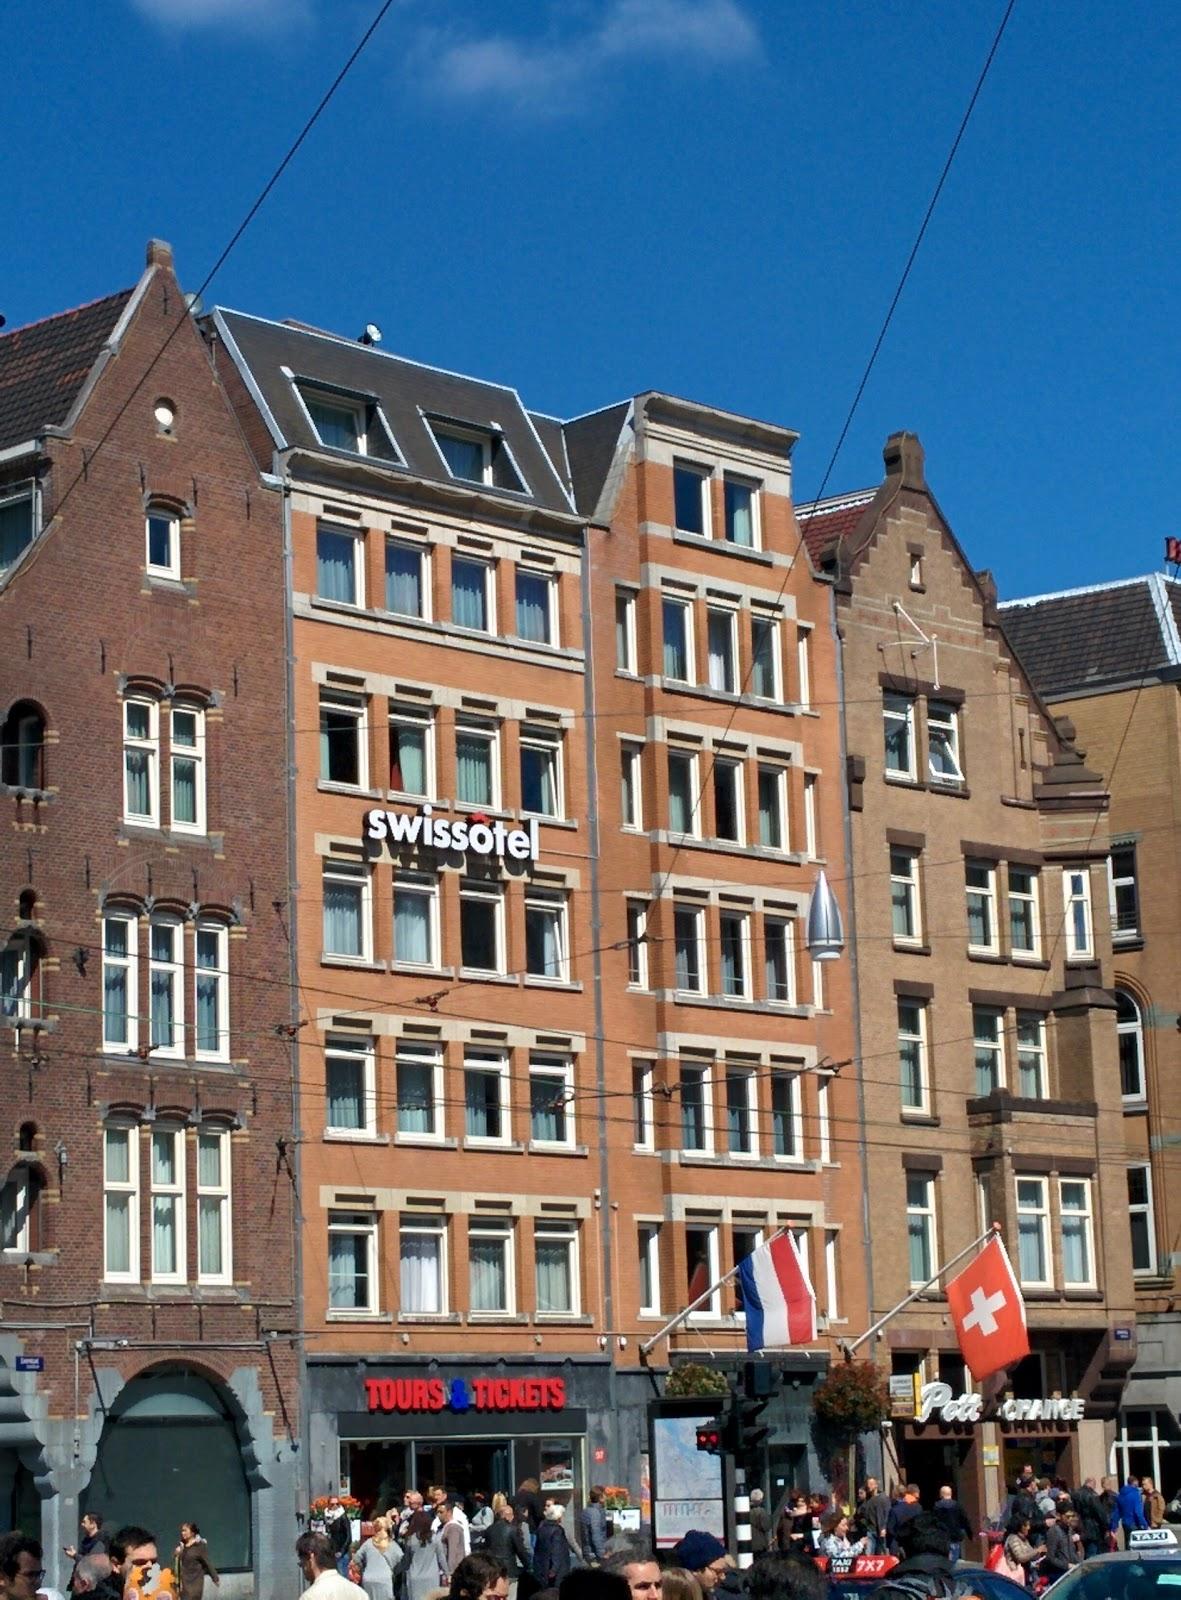 De Roode Leeuw Amsterdam accepteert American Express Credit Cards